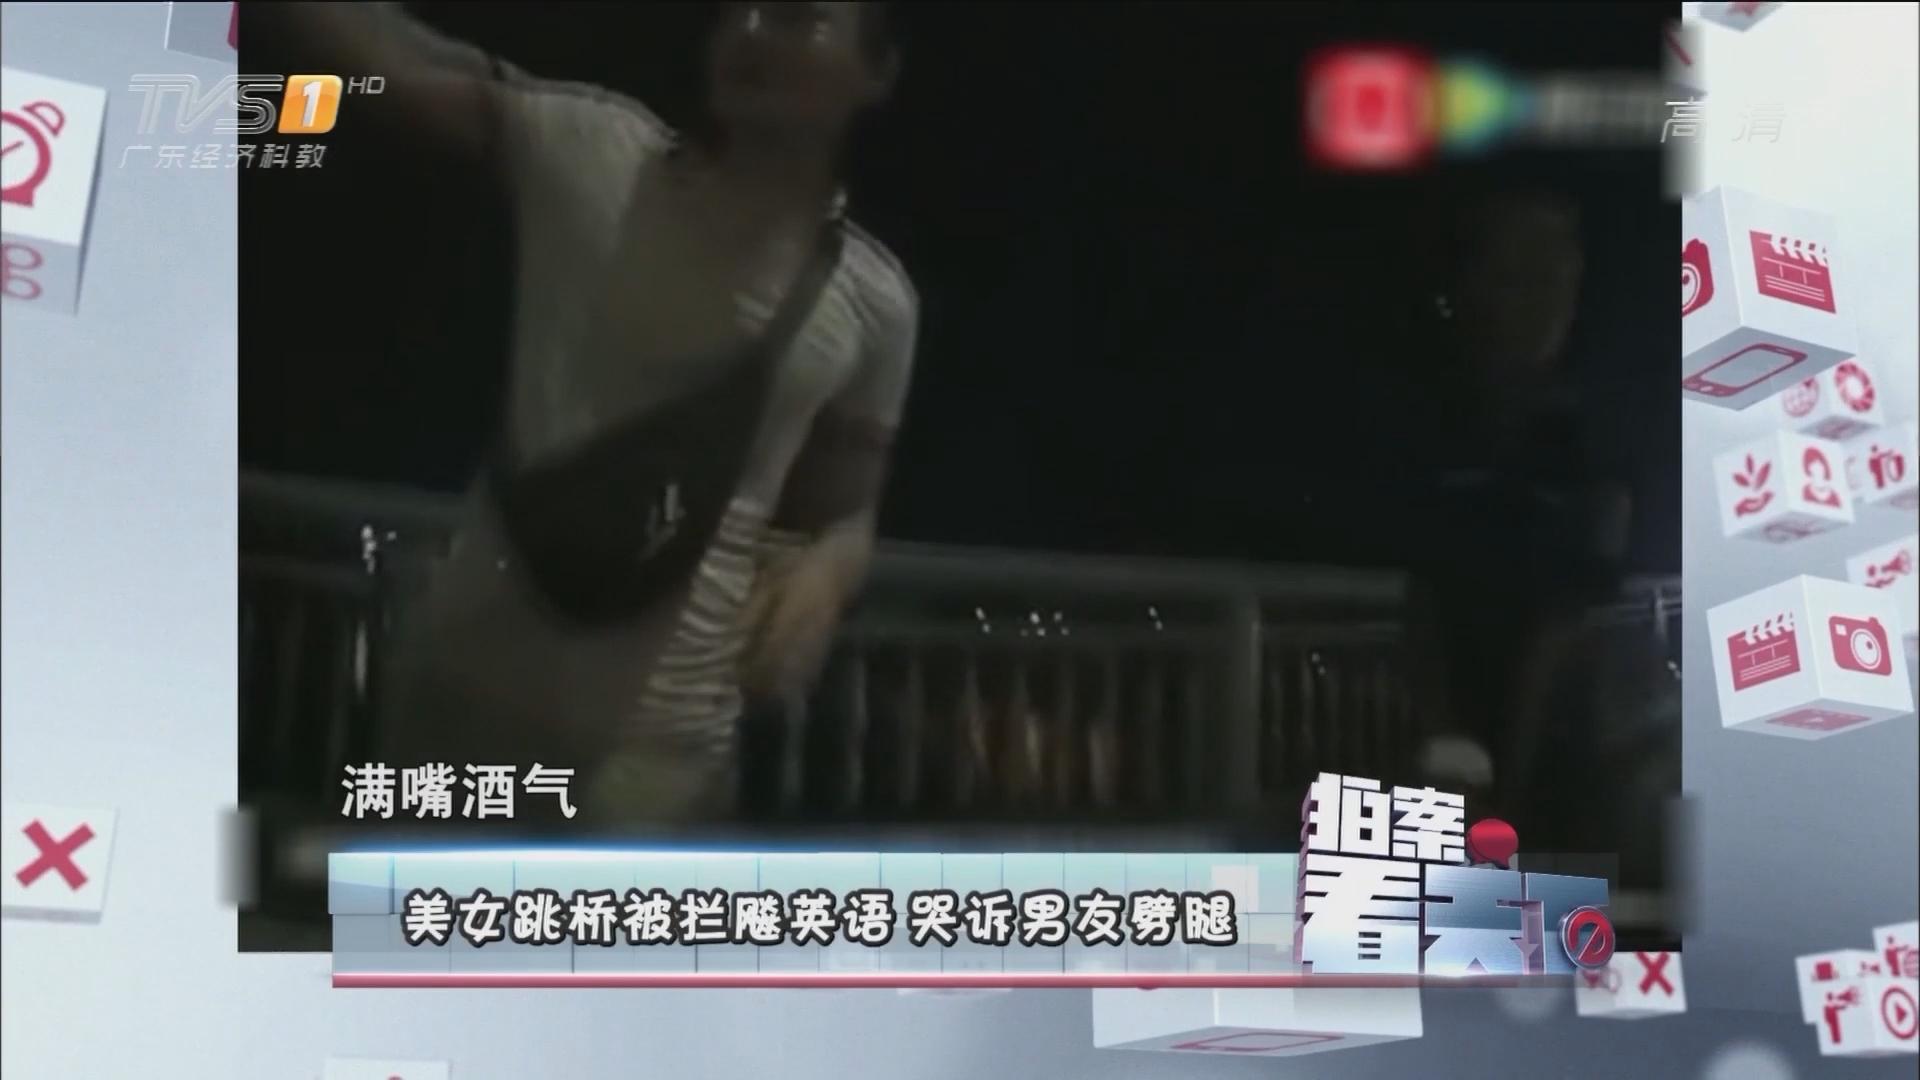 美女跳桥被拦飚英语 哭诉男友劈腿